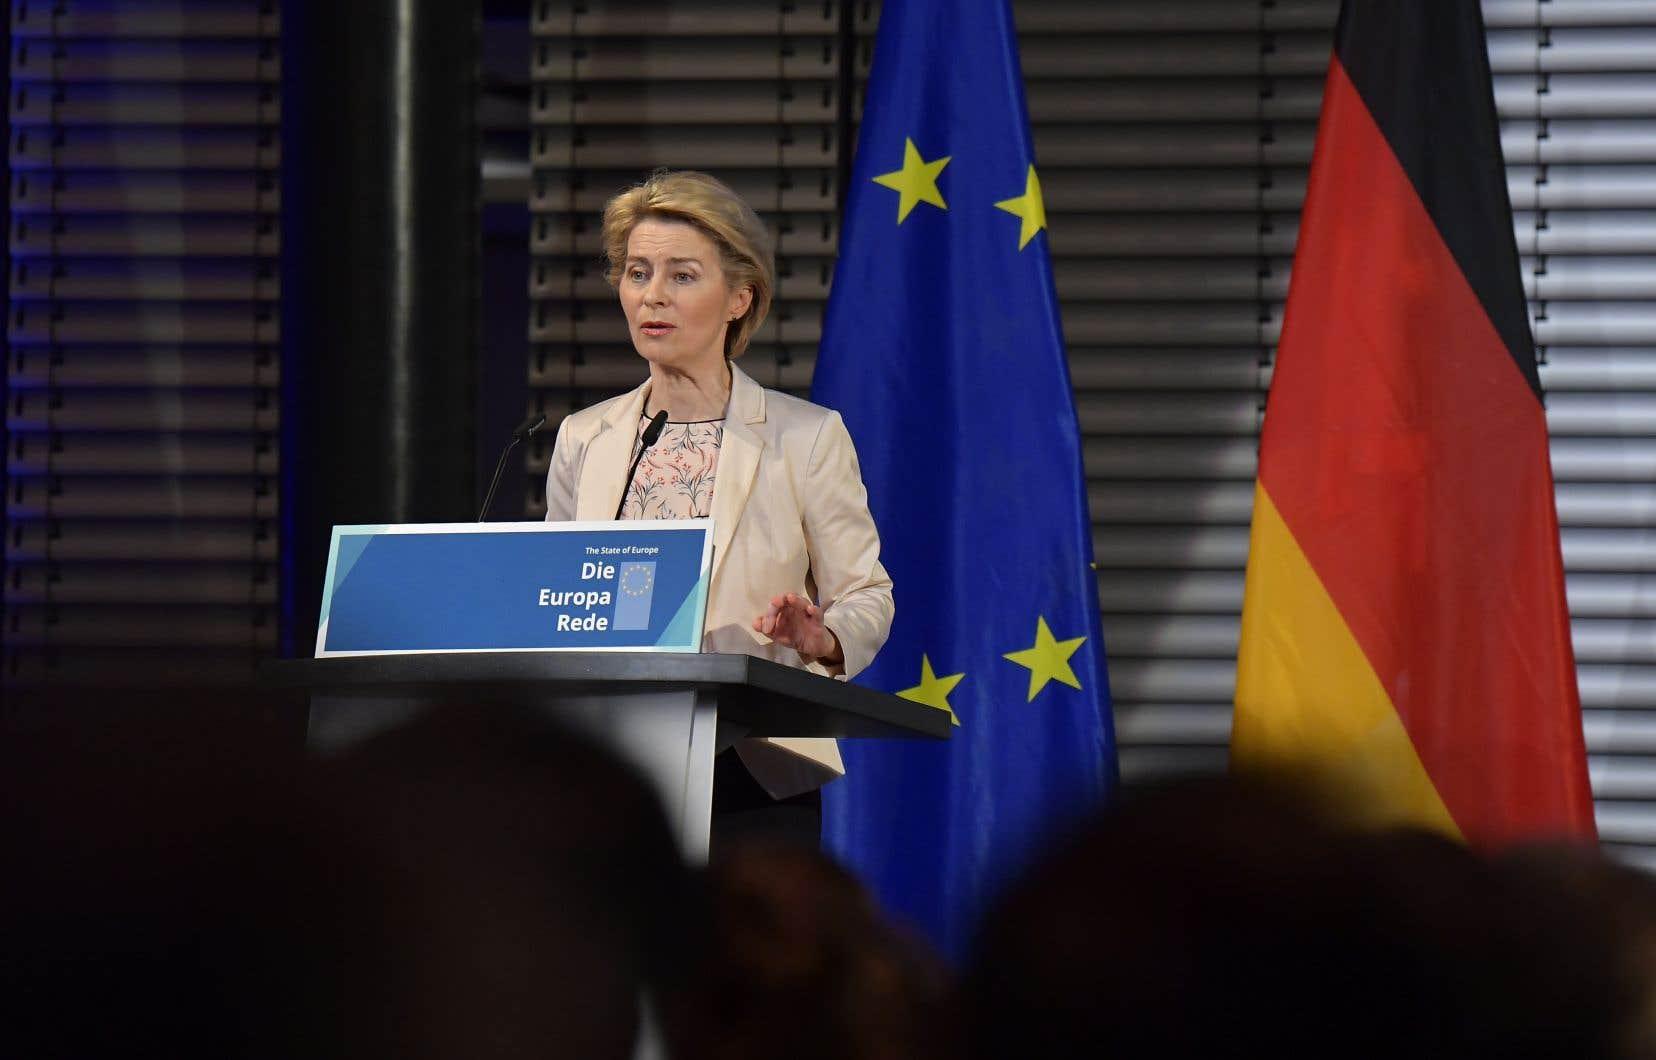 La présidente désignée de la Commission européenne, Ursula von der Leyen